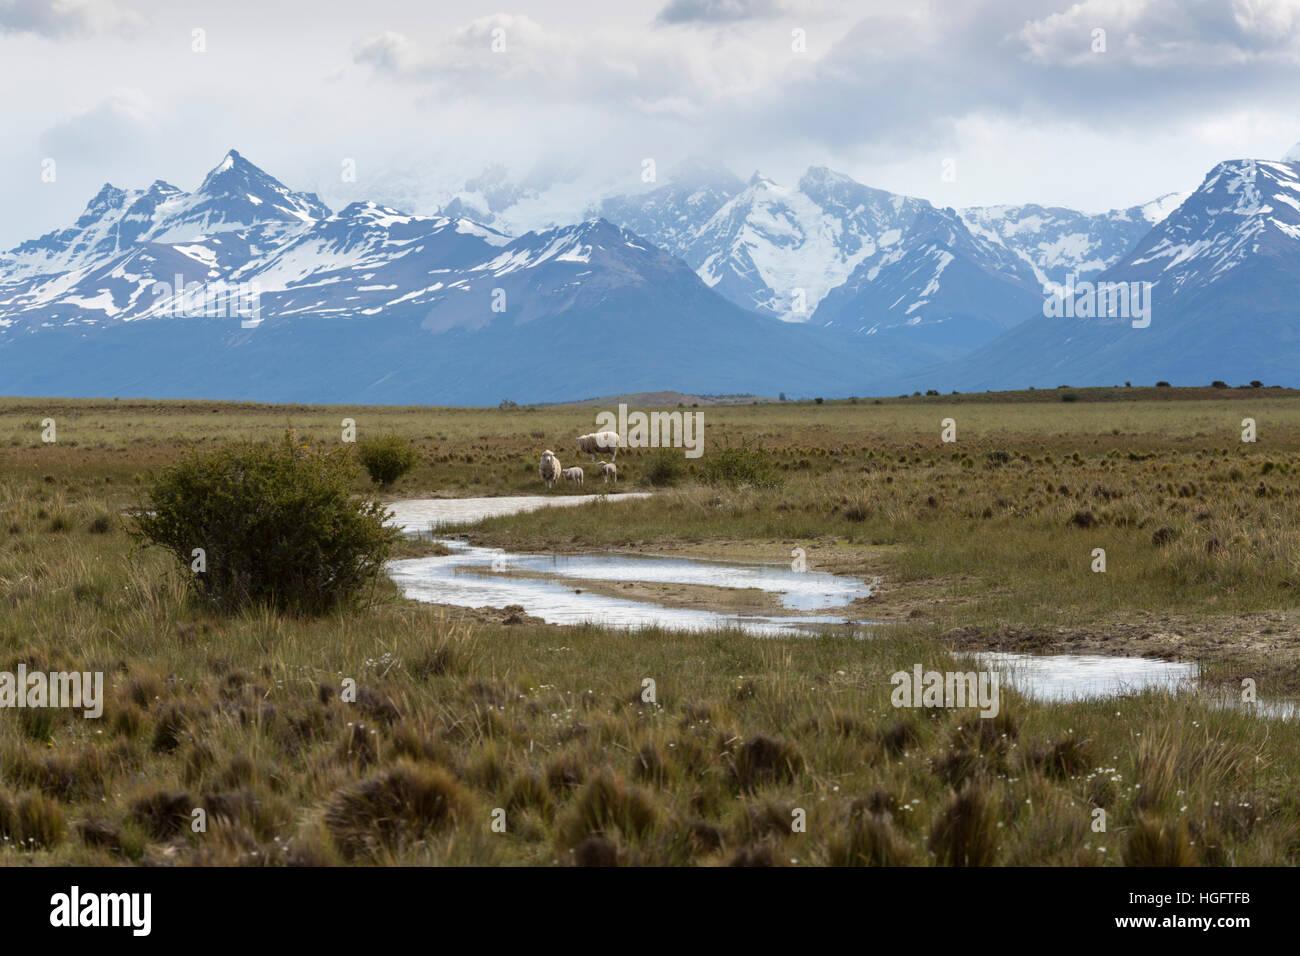 Fluss und Schafe unter der Gebirgskette der Anden, Estancia Alta Vista, El Calafate, die Anden, Patagonien, Argentinien, Stockbild